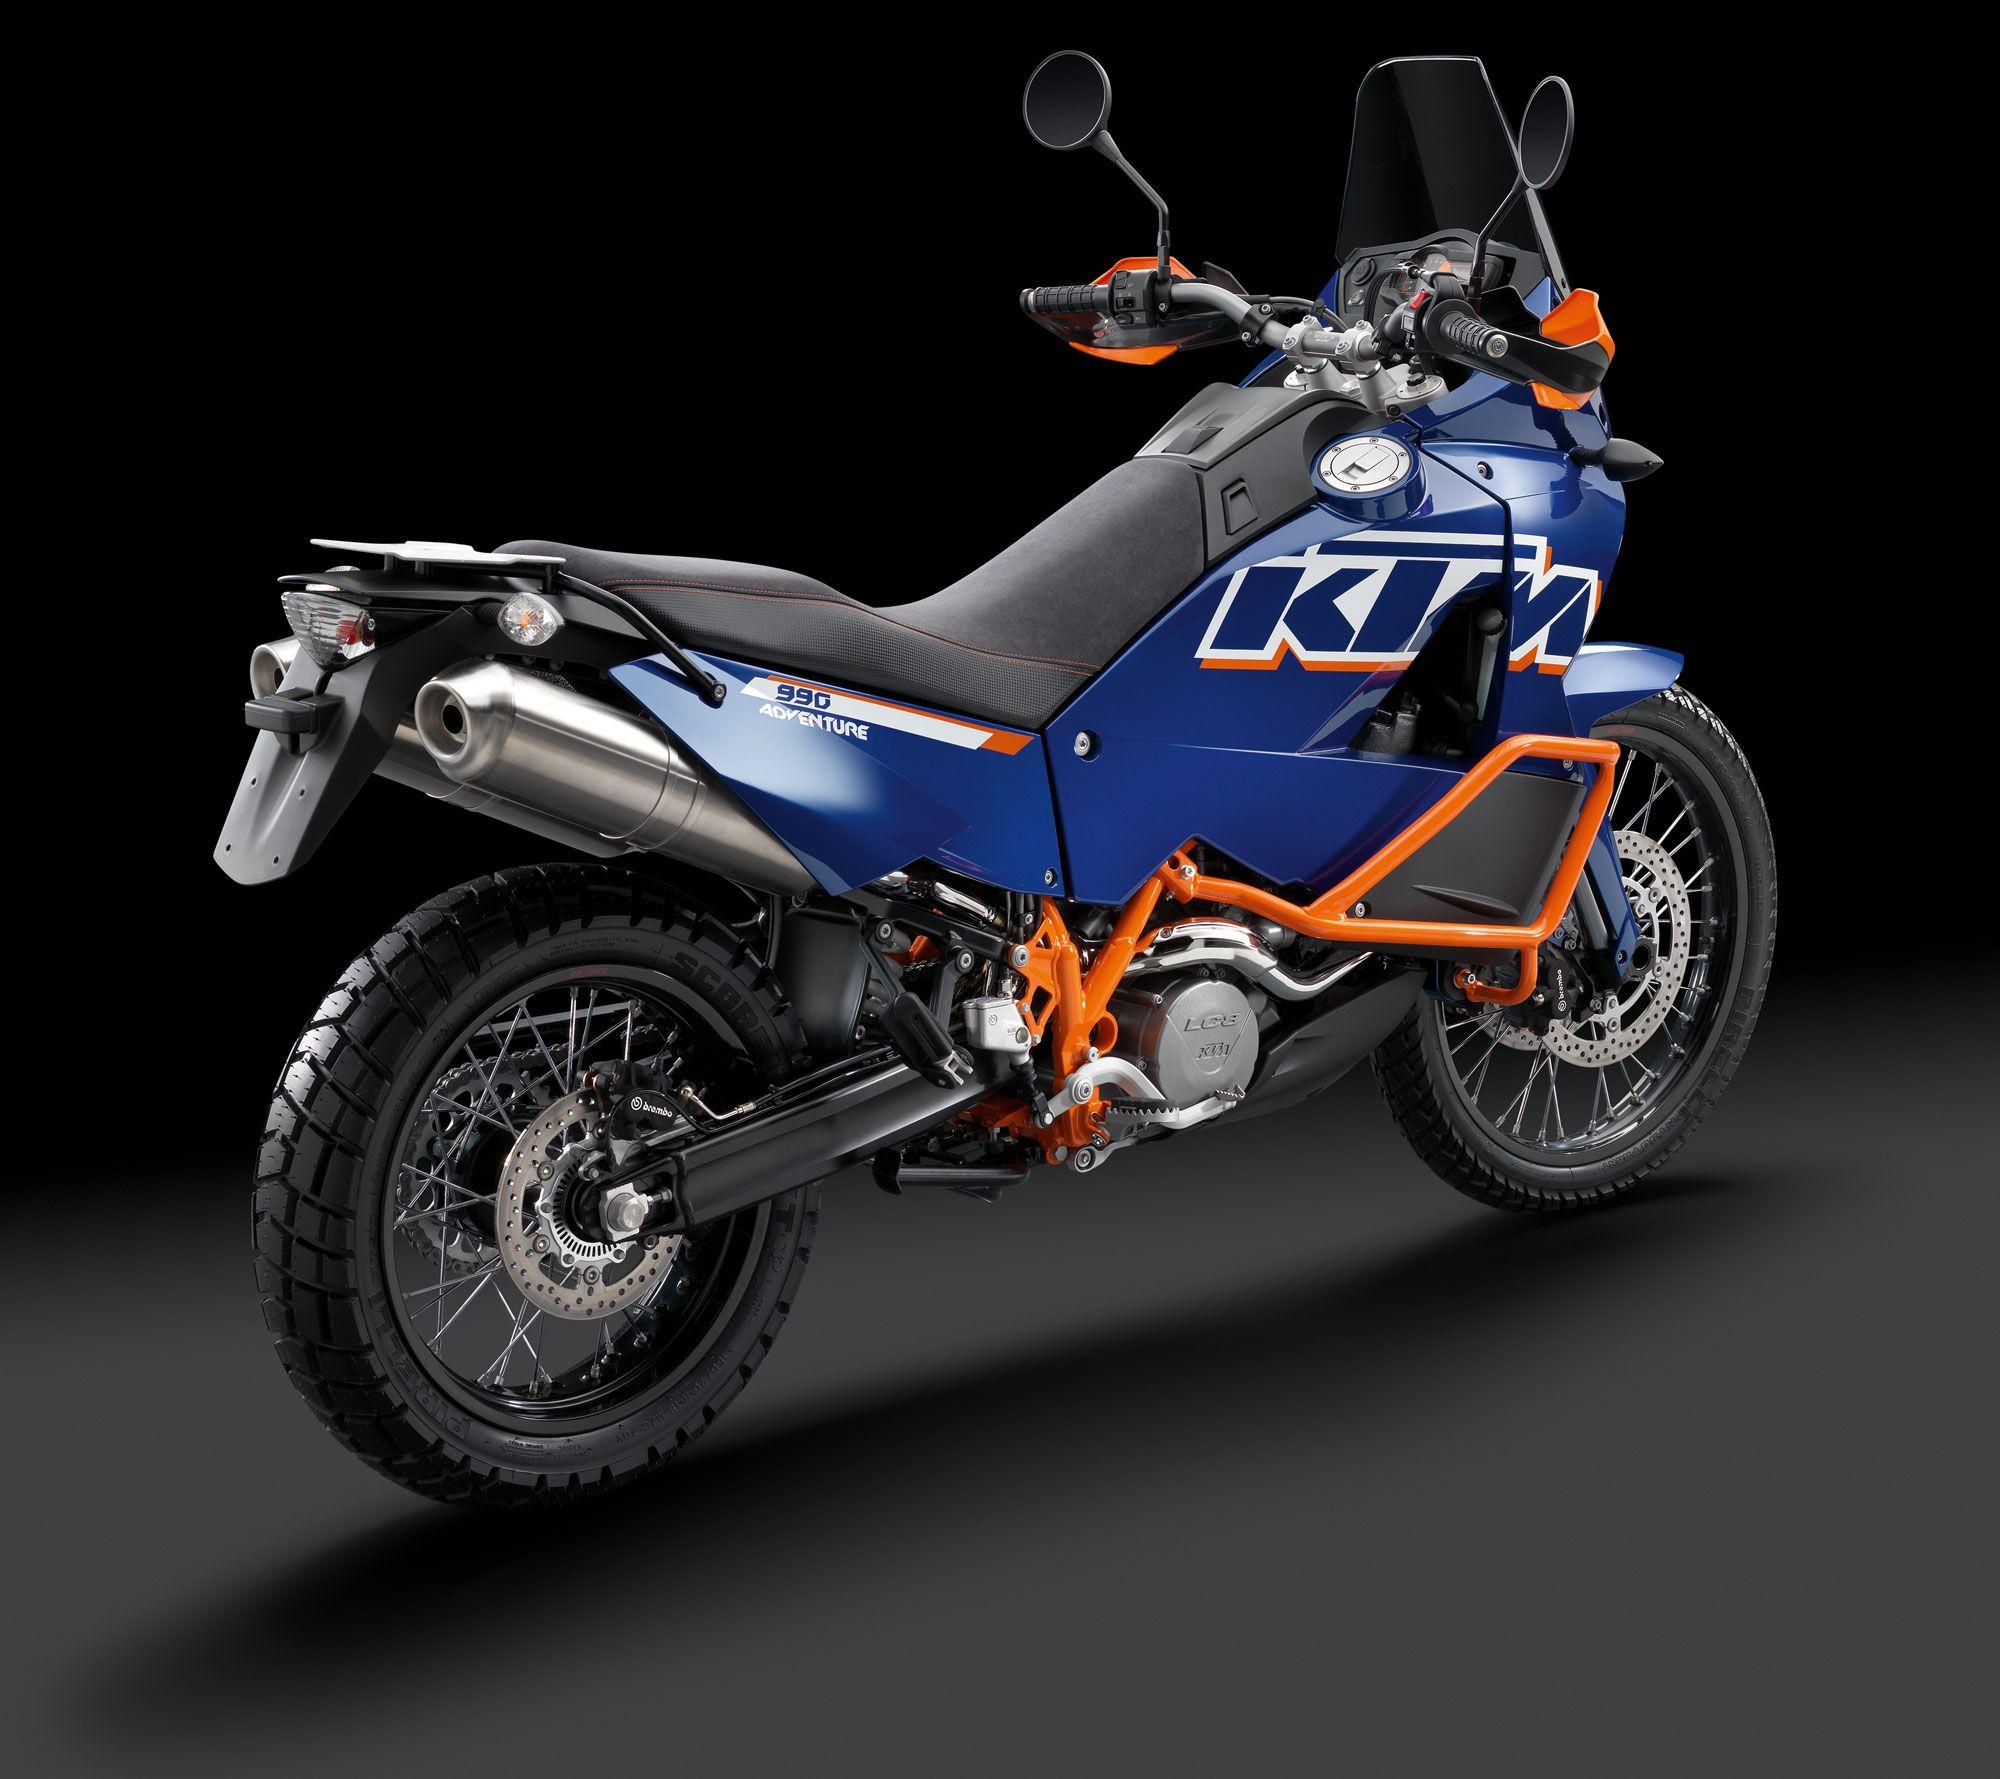 2012 ktm 990 adventure r review